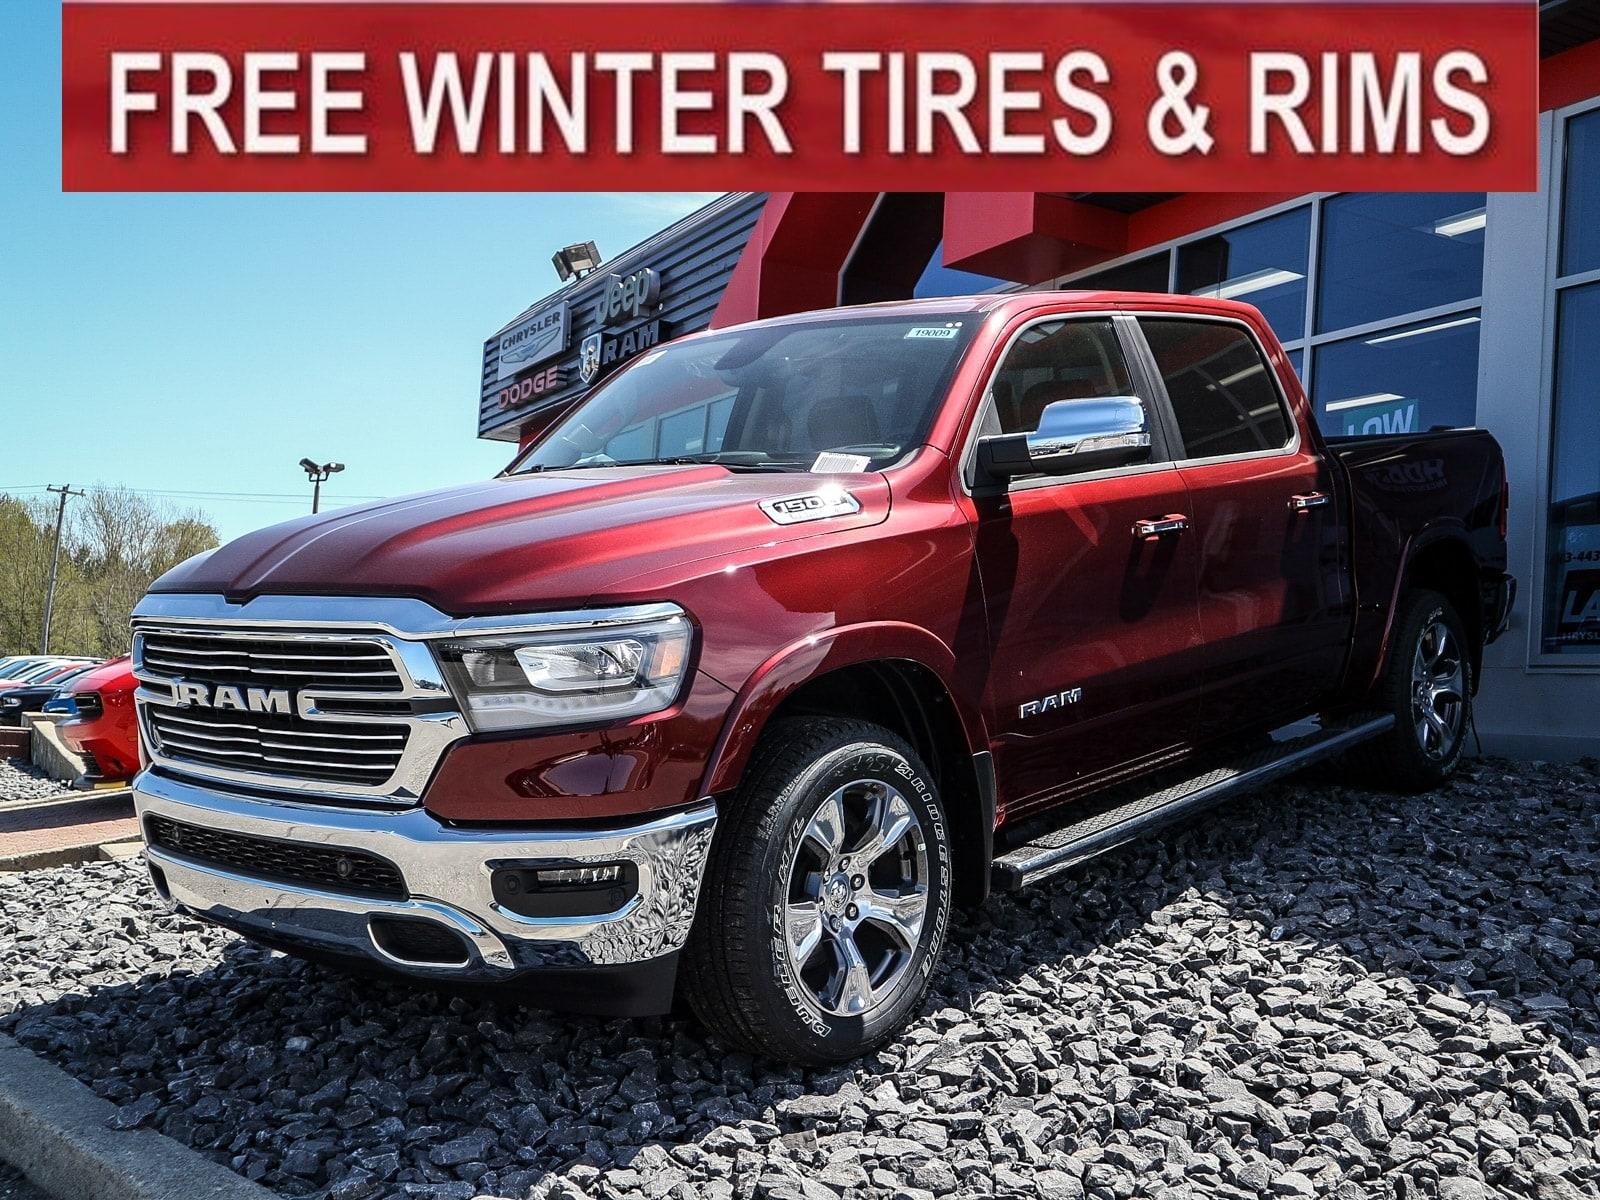 2019 Ram All-New 1500 Laramie Pickup Truck 19009